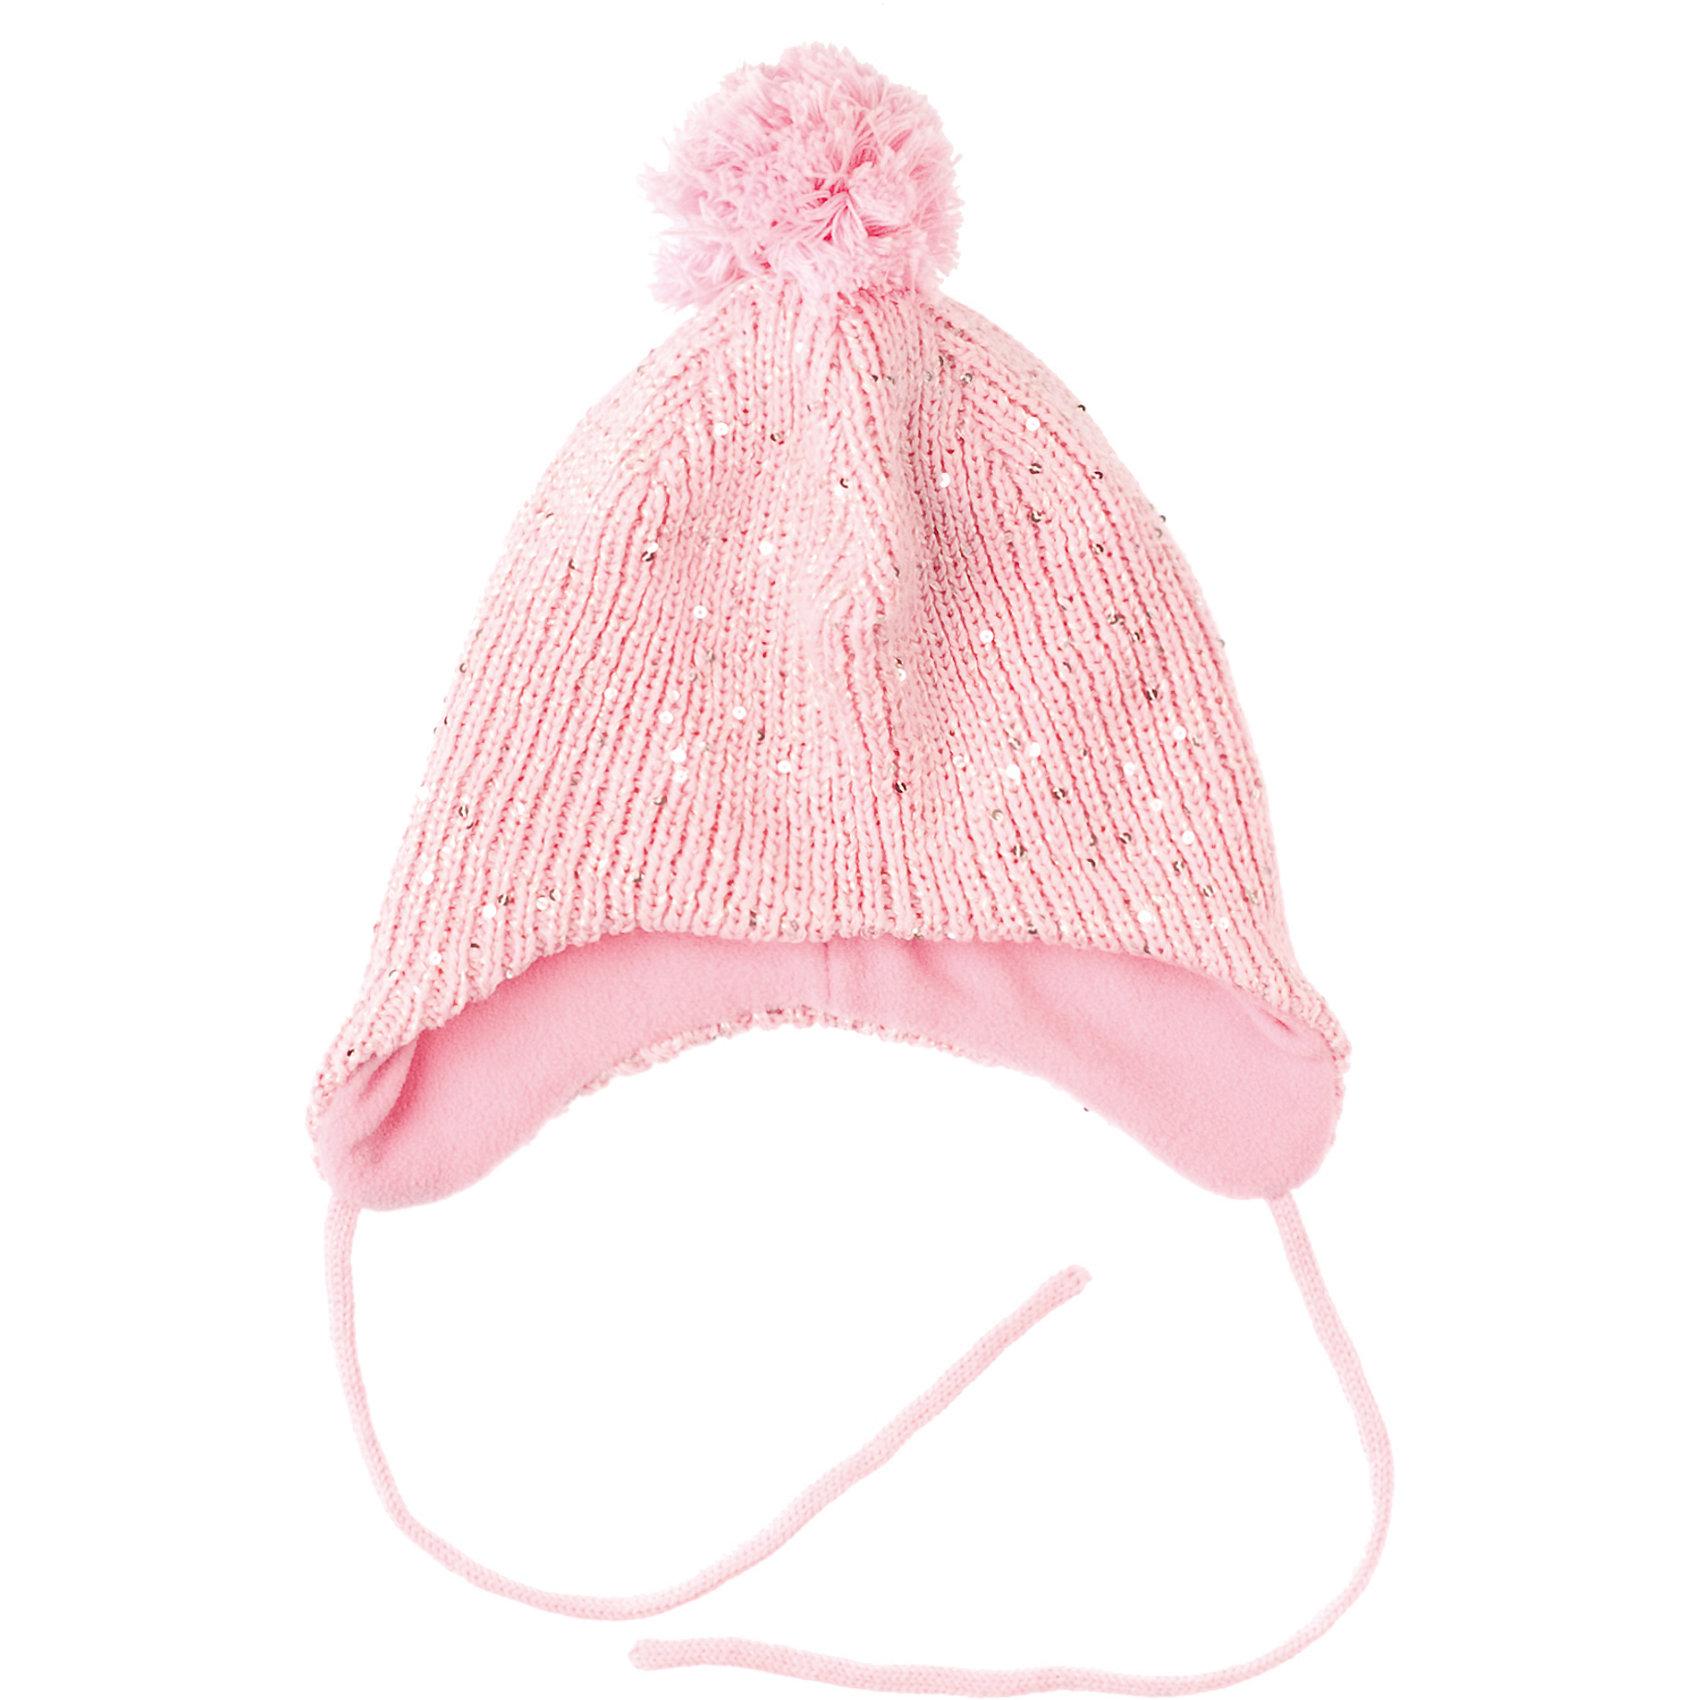 Шапка для девочки PlayTodayГоловные уборы<br>Шапка для девочки PlayToday Теплая трикотажная шапка с флисовой подкладкой. Украшена блестками и помпоном. Состав: Верх: 60% хлопок, 40% акрил, подкладка:100% полиэстер<br><br>Ширина мм: 89<br>Глубина мм: 117<br>Высота мм: 44<br>Вес г: 155<br>Цвет: розовый<br>Возраст от месяцев: 84<br>Возраст до месяцев: 96<br>Пол: Женский<br>Возраст: Детский<br>Размер: 54,52,50<br>SKU: 4228615